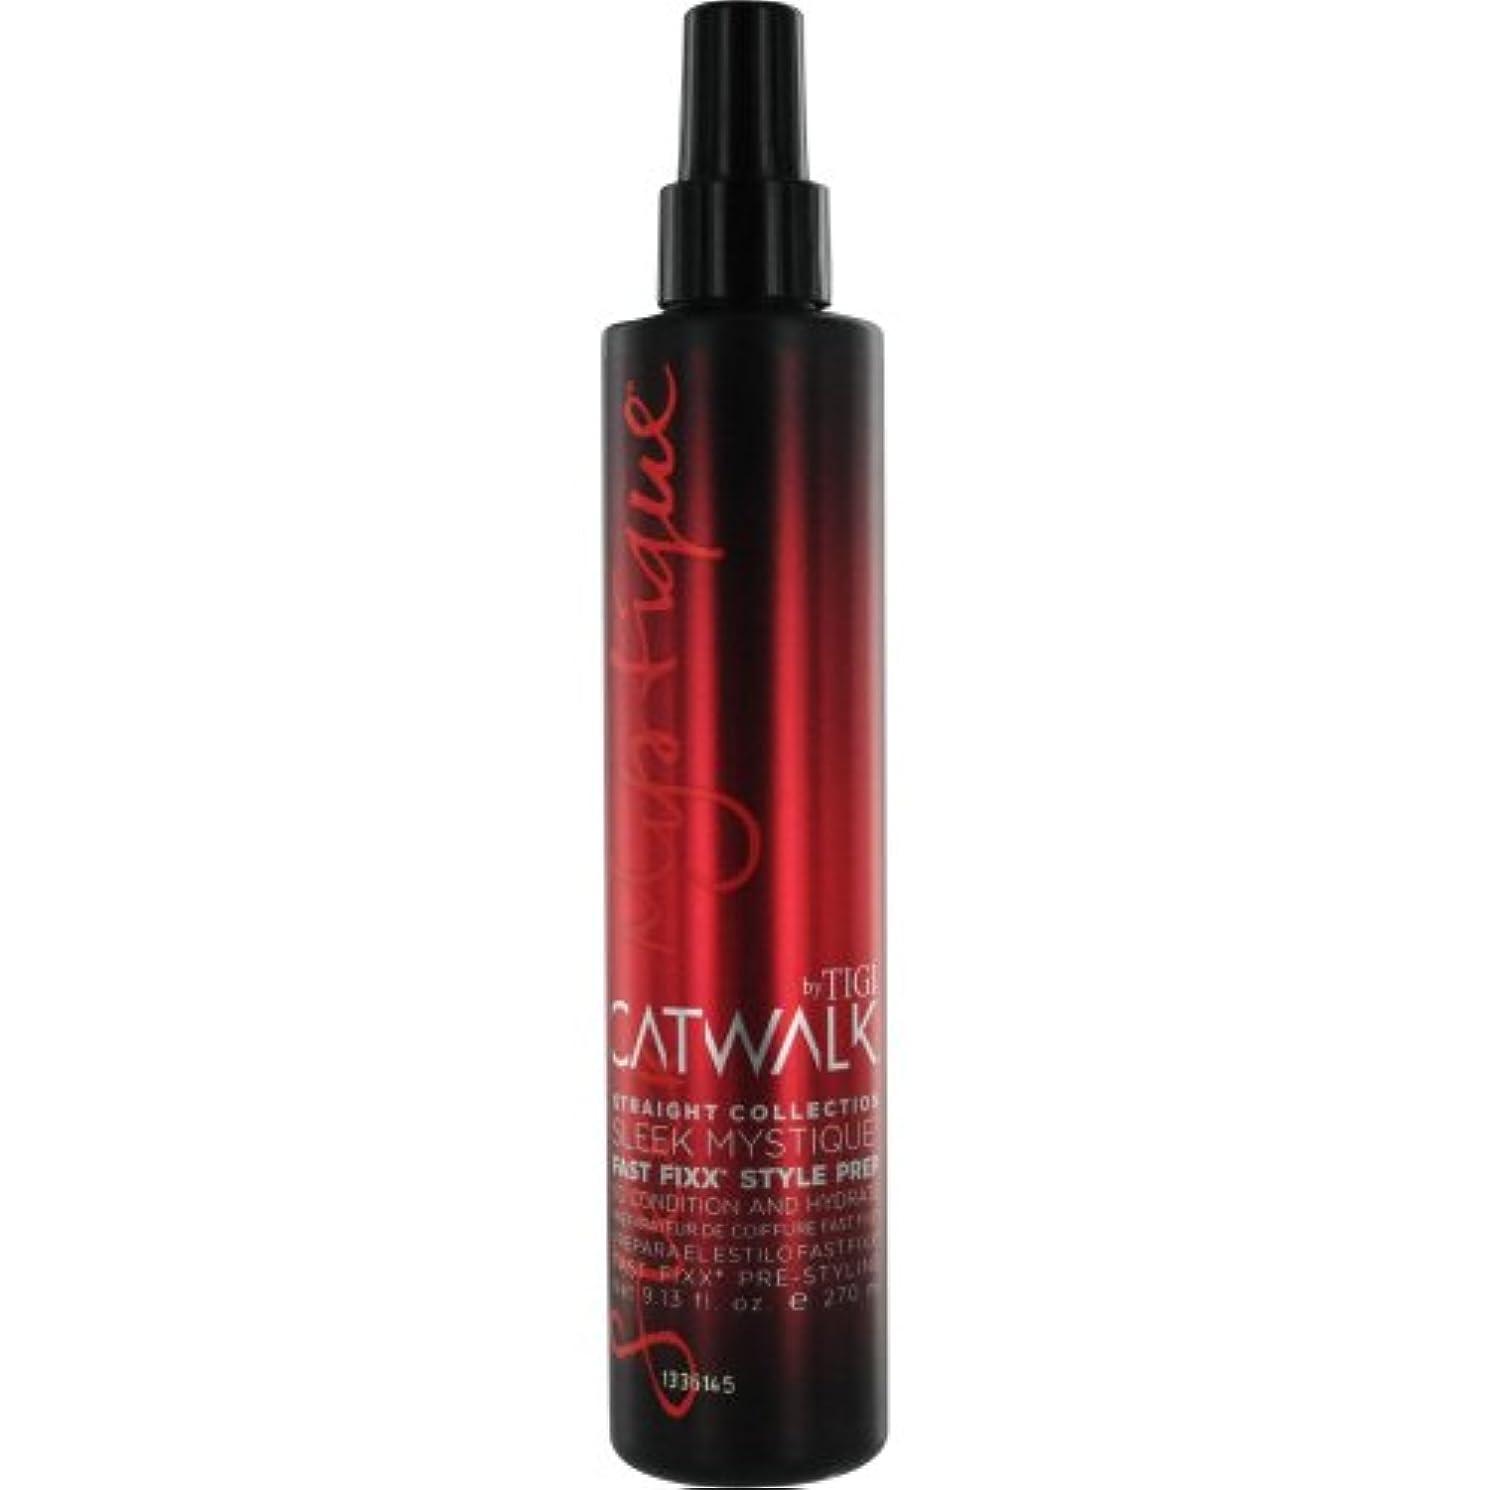 資料通常重荷Tigi Catwalk Sleek Fast Fixx Style 265 ml (並行輸入品)